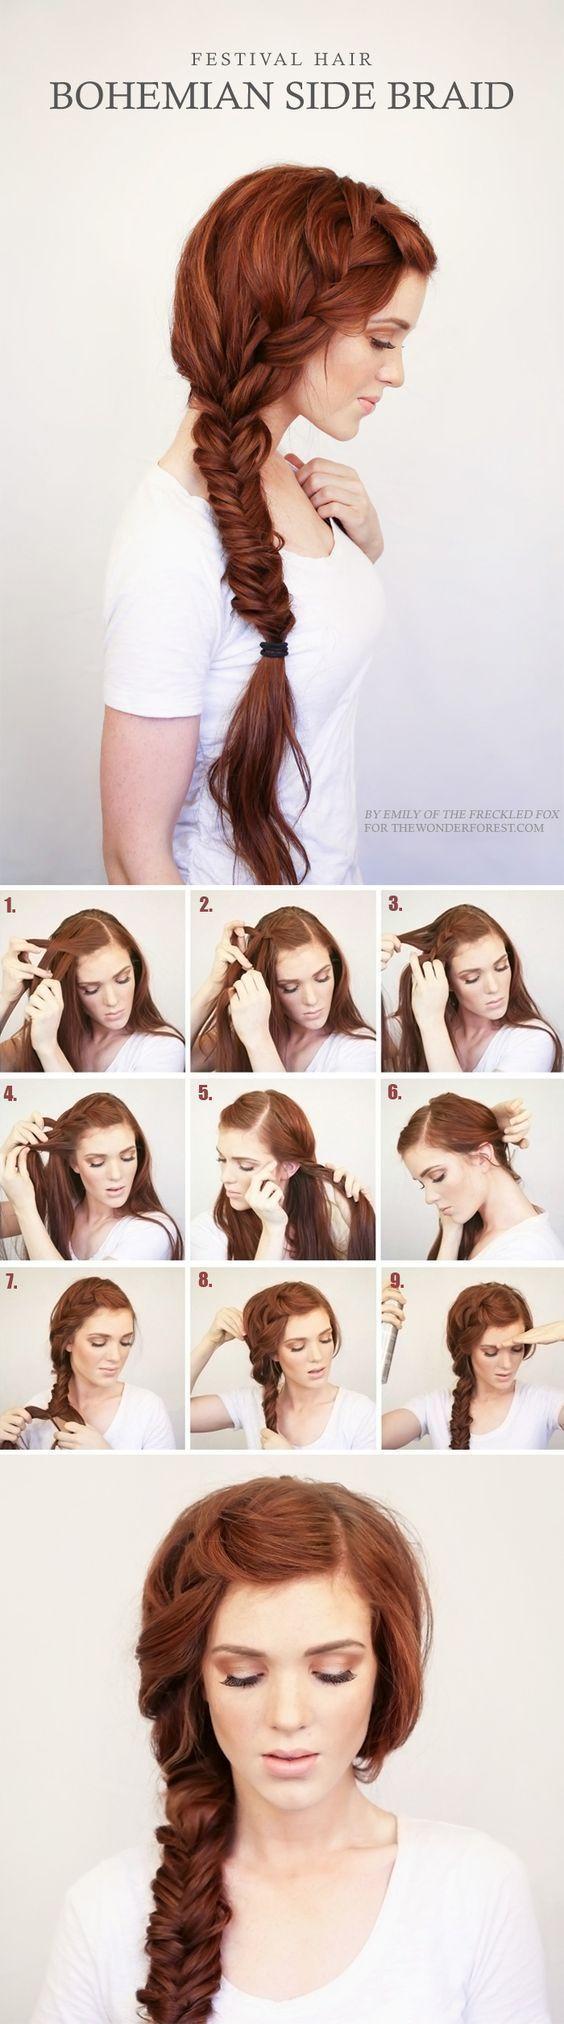 10 Best DIY Wedding Hairstyles with Tutorials #weddinghairstyles